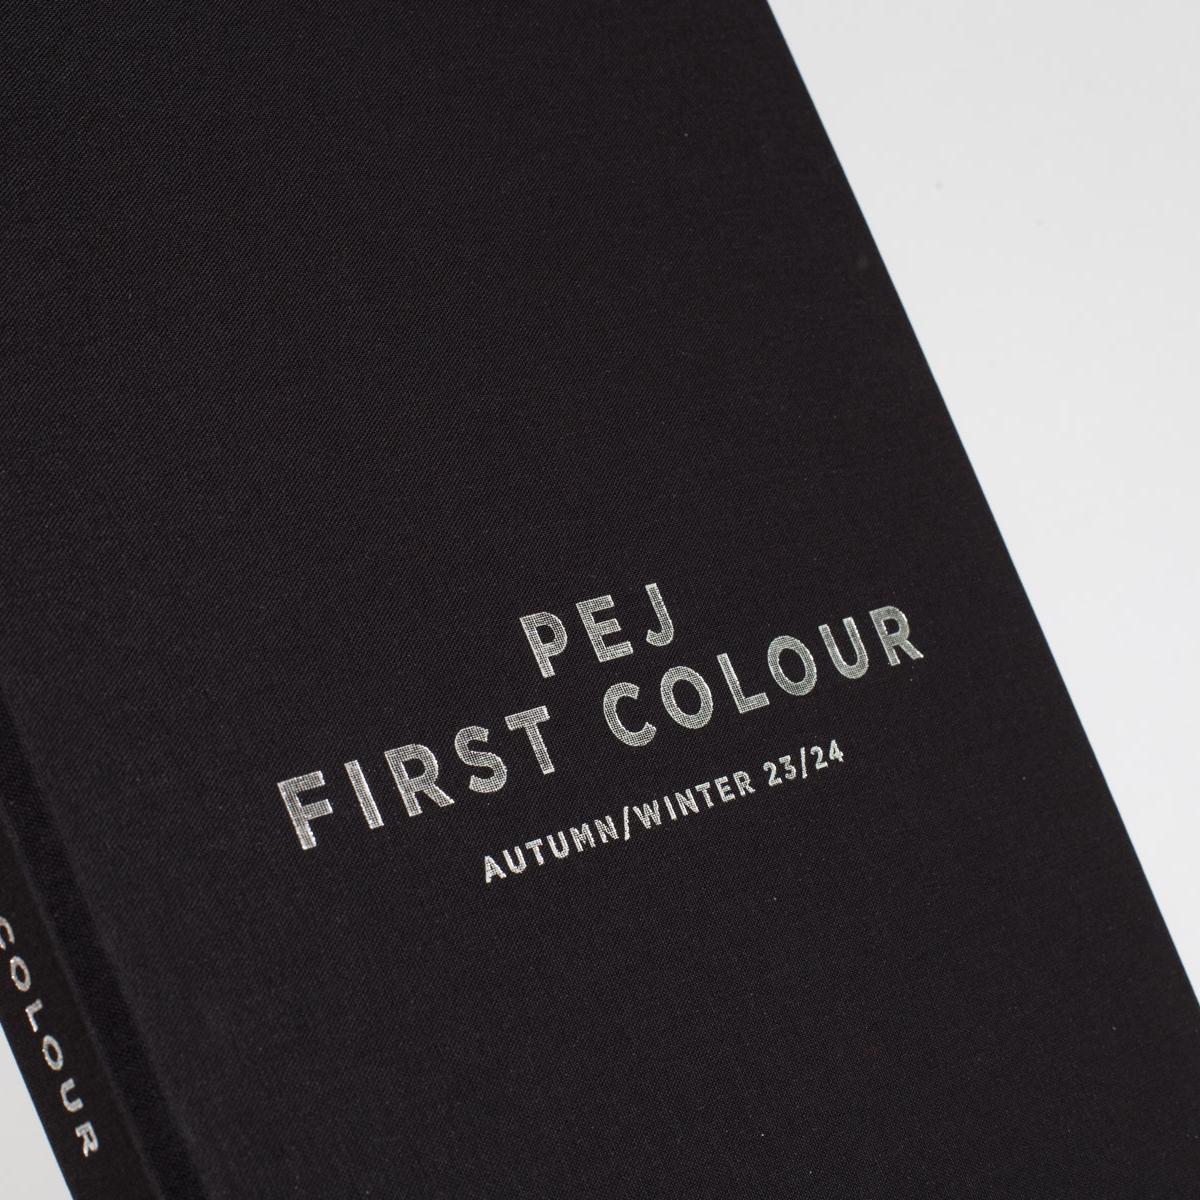 pej first colour AW 23/24